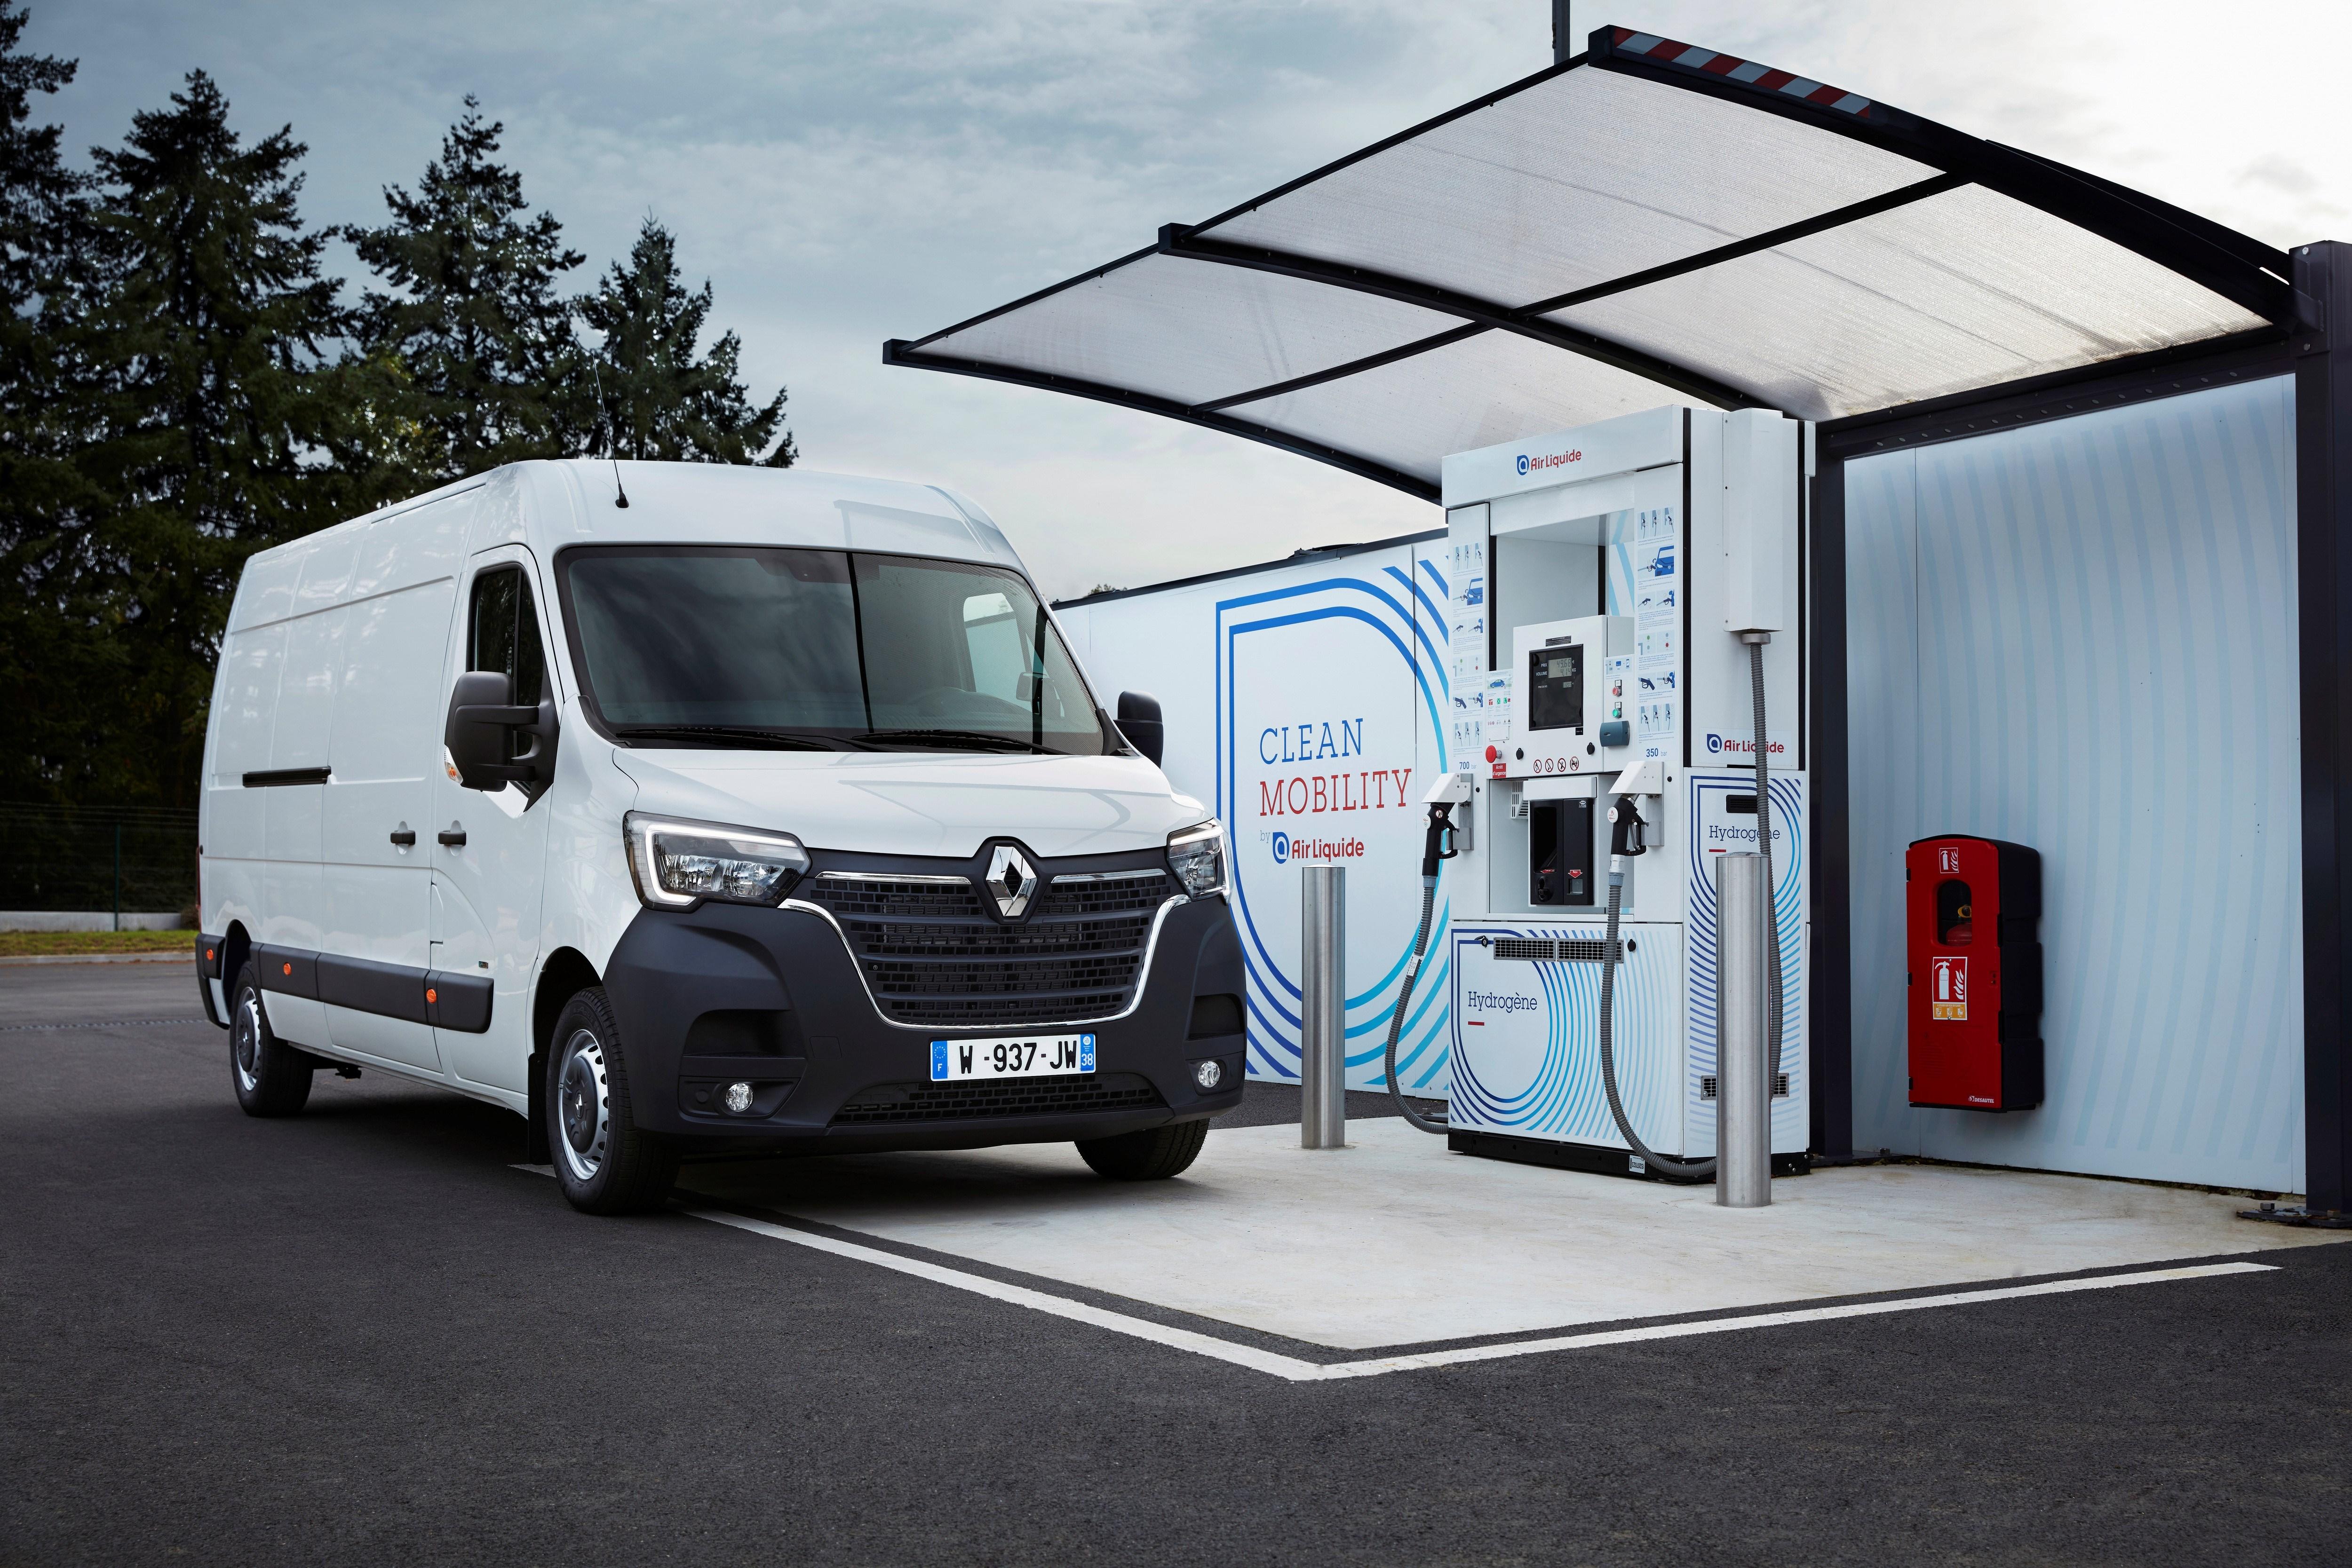 Renault grupa uvodi pogon na vodonične gorivne ćelije u svojim lakim komercijalnim vozilima